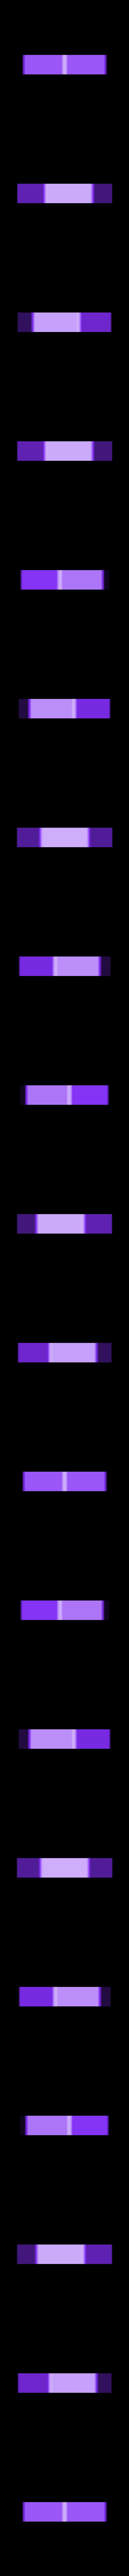 base_fourmis.STL Télécharger fichier STL gratuit Hive • Objet pour impression 3D, seb2320